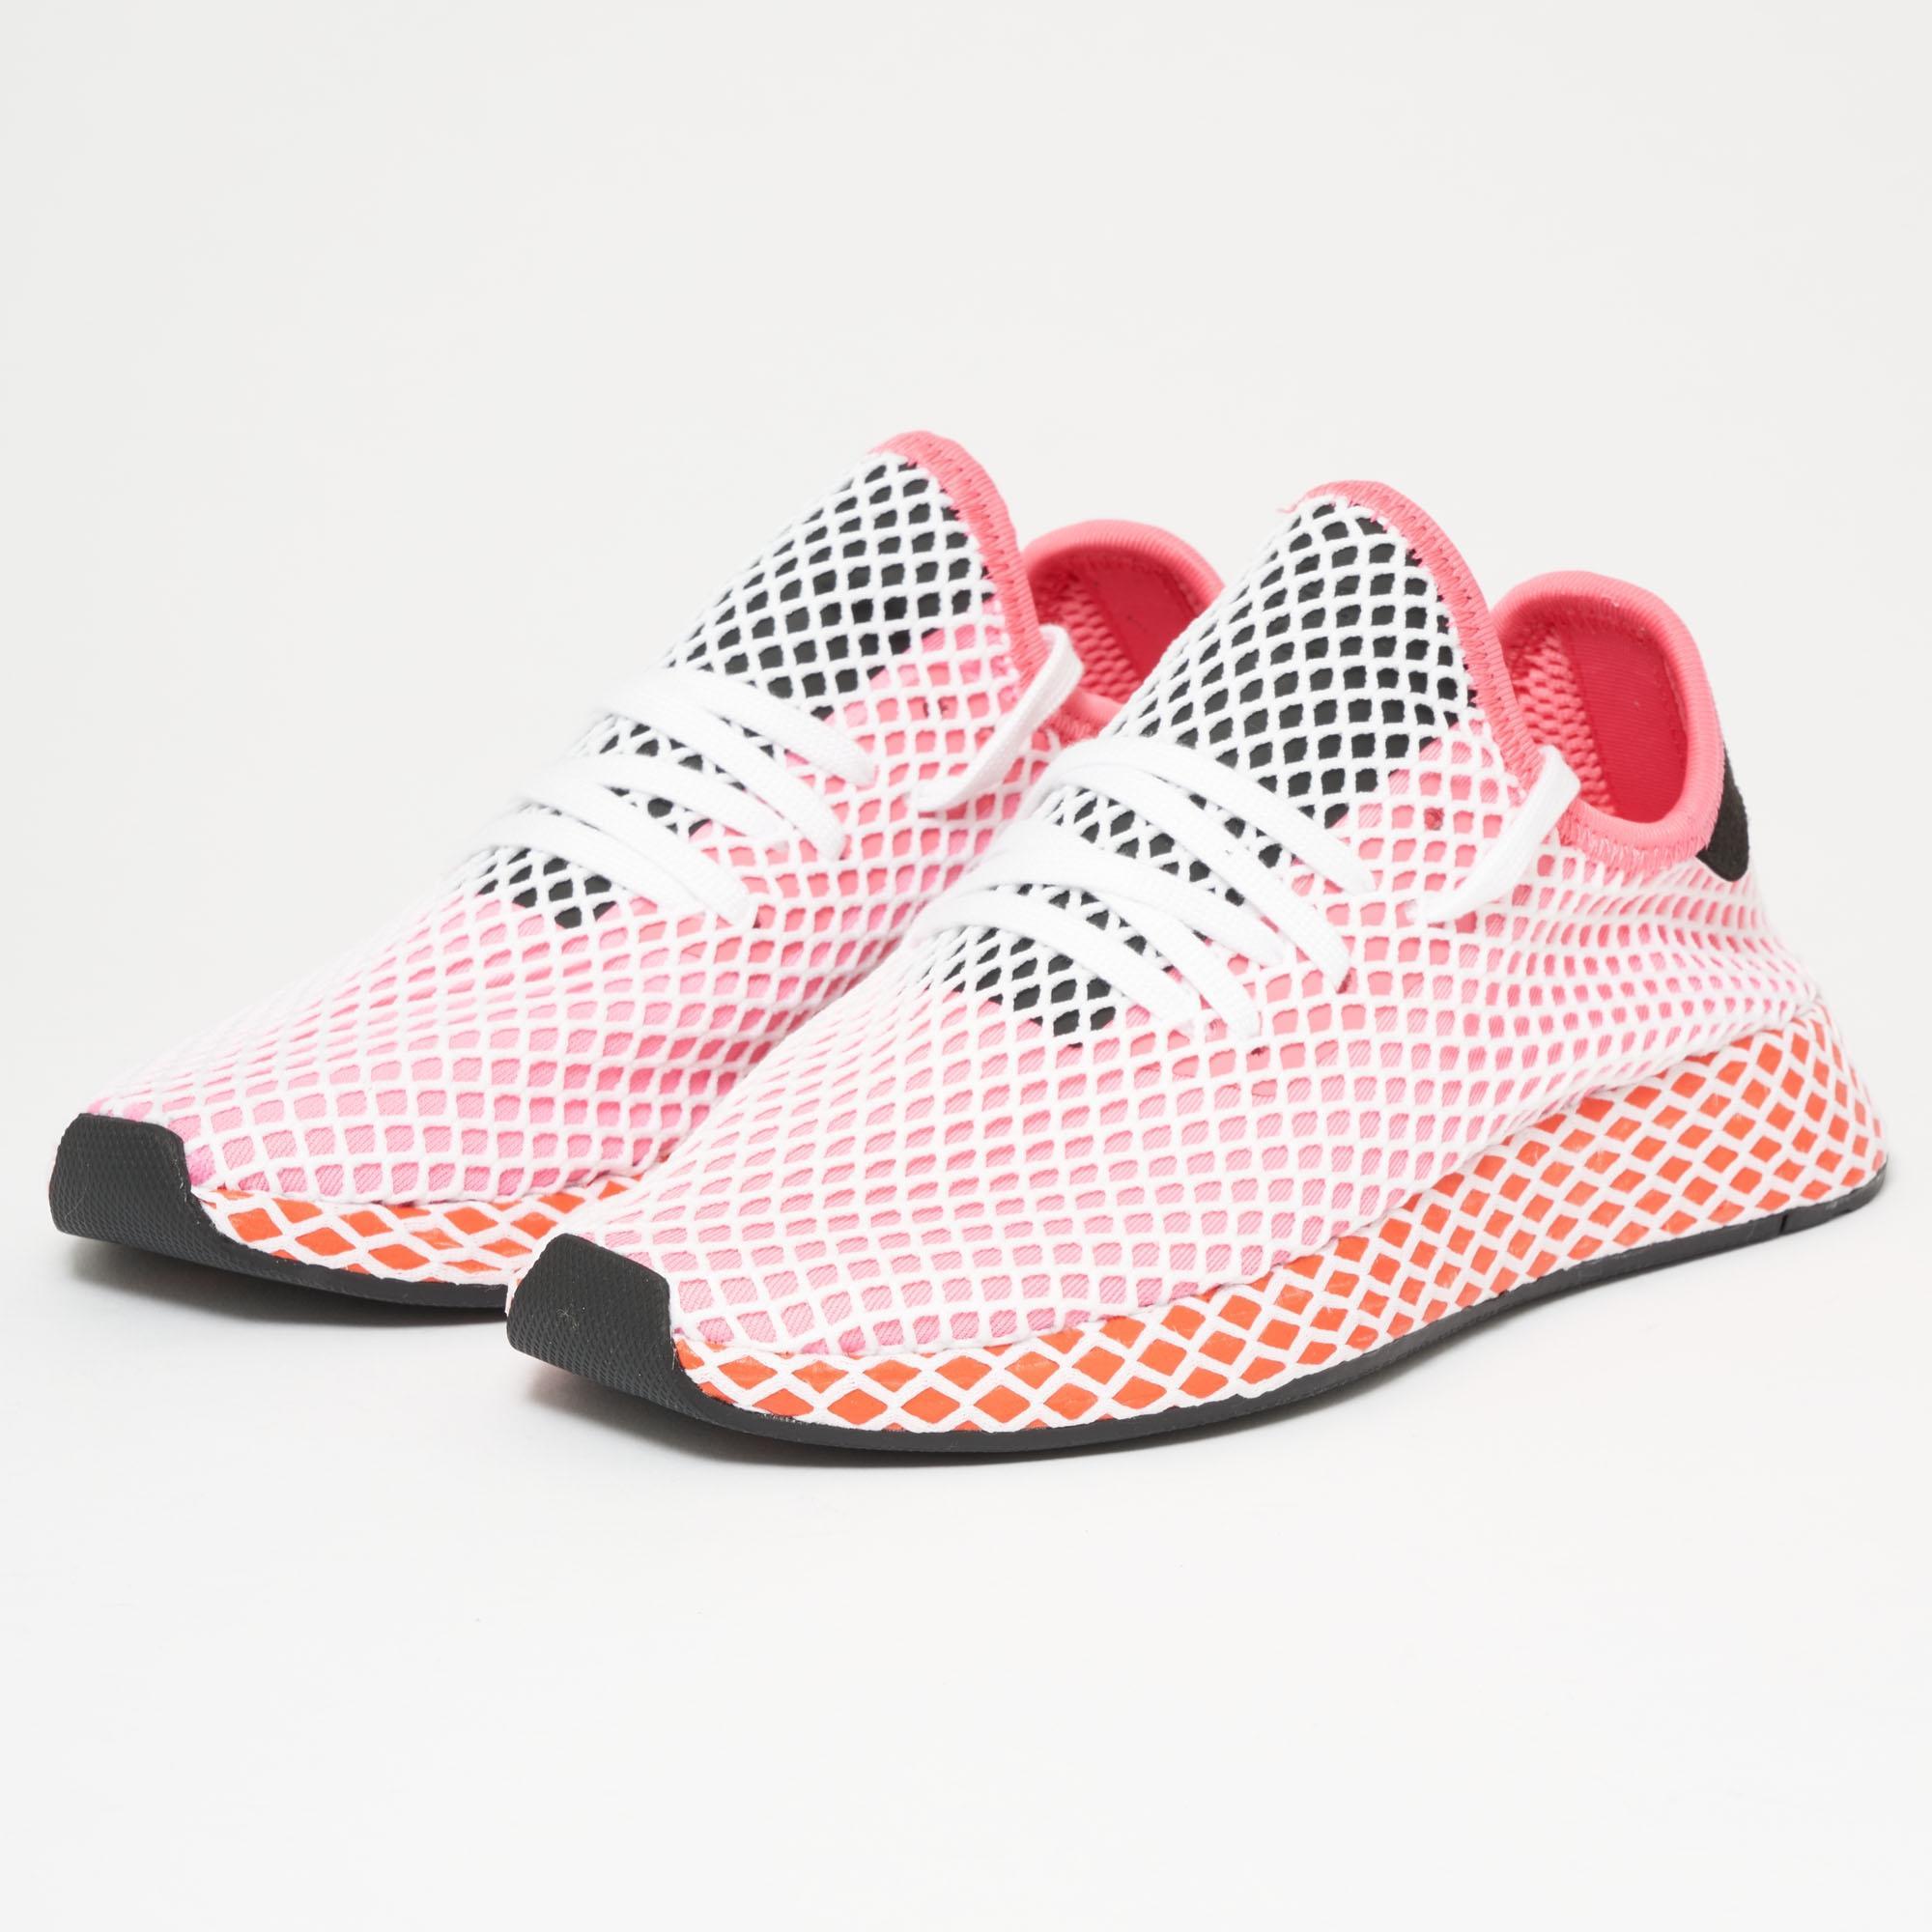 cb18ebe0ecd02 adidas Originals Deerupt Runner - Chalk Pink   Bold Orange in Pink ...